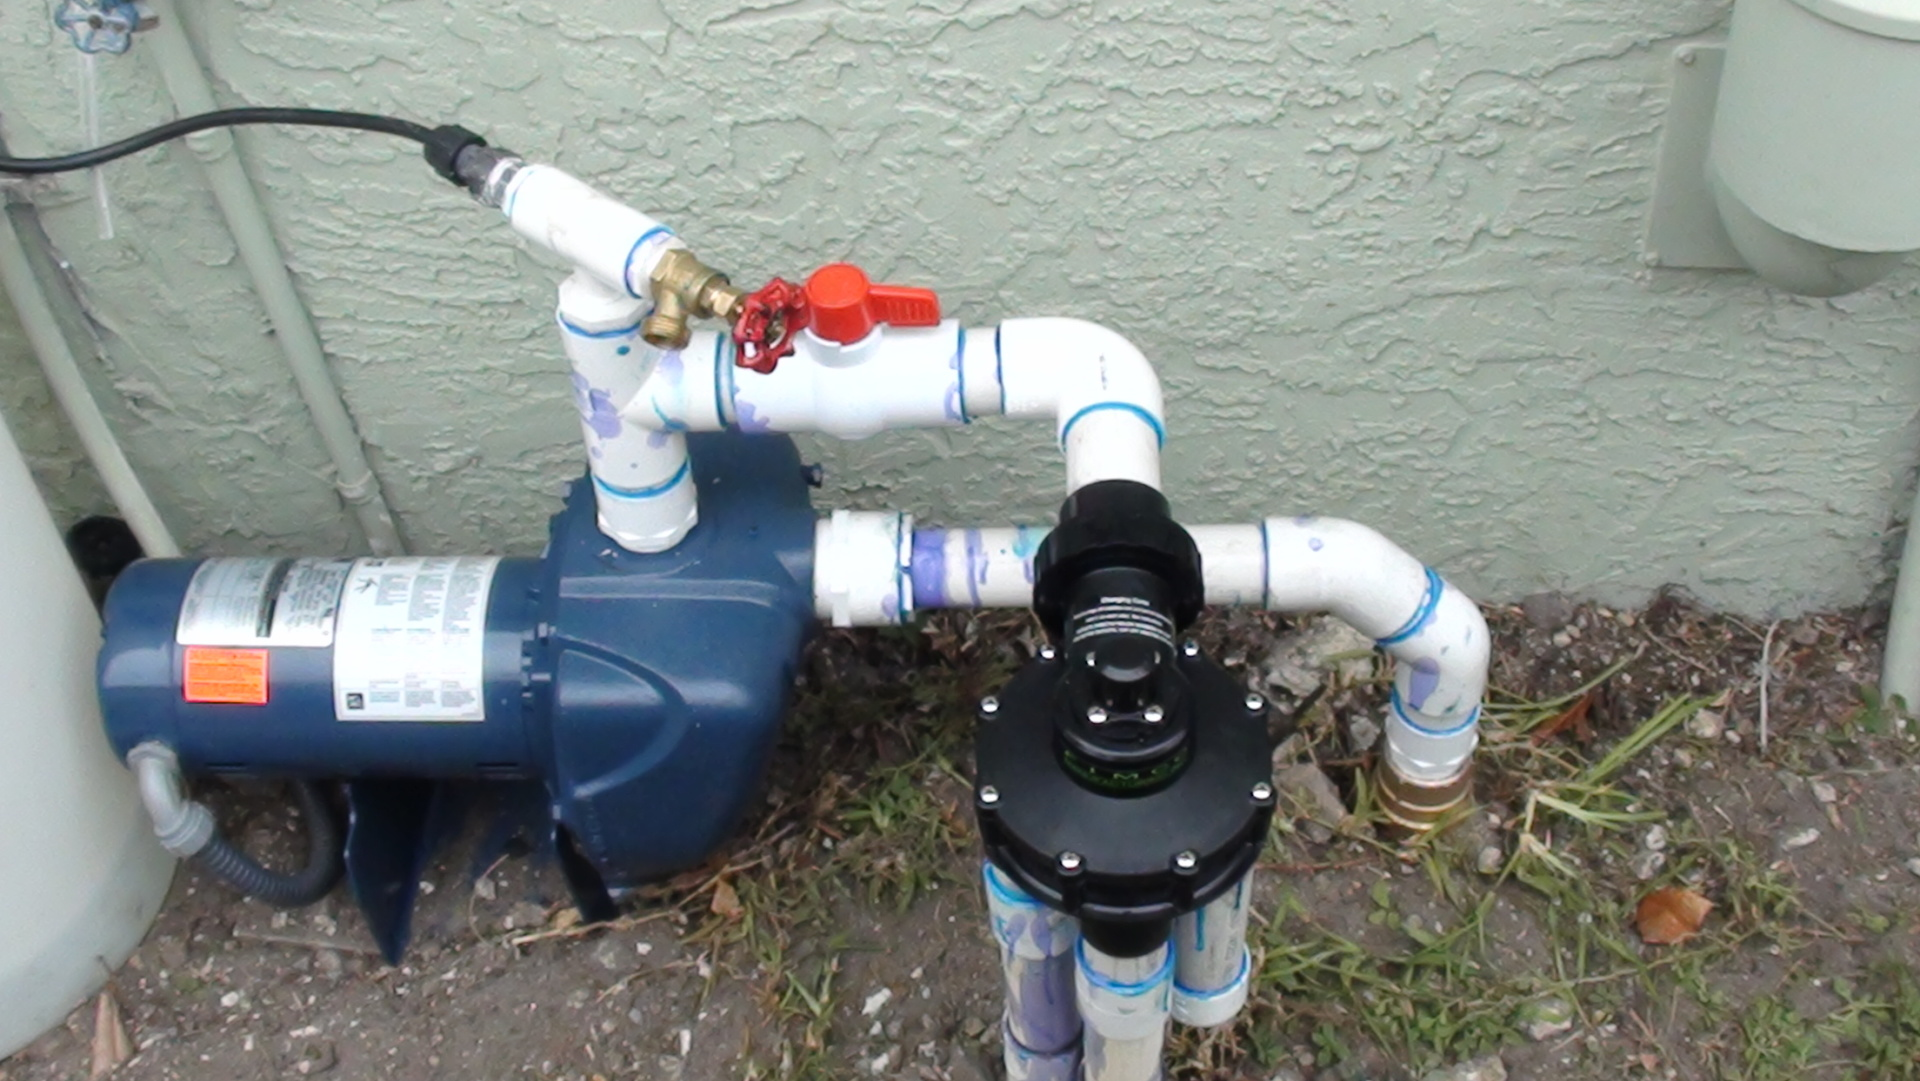 Sprinkler Equipment Repairs